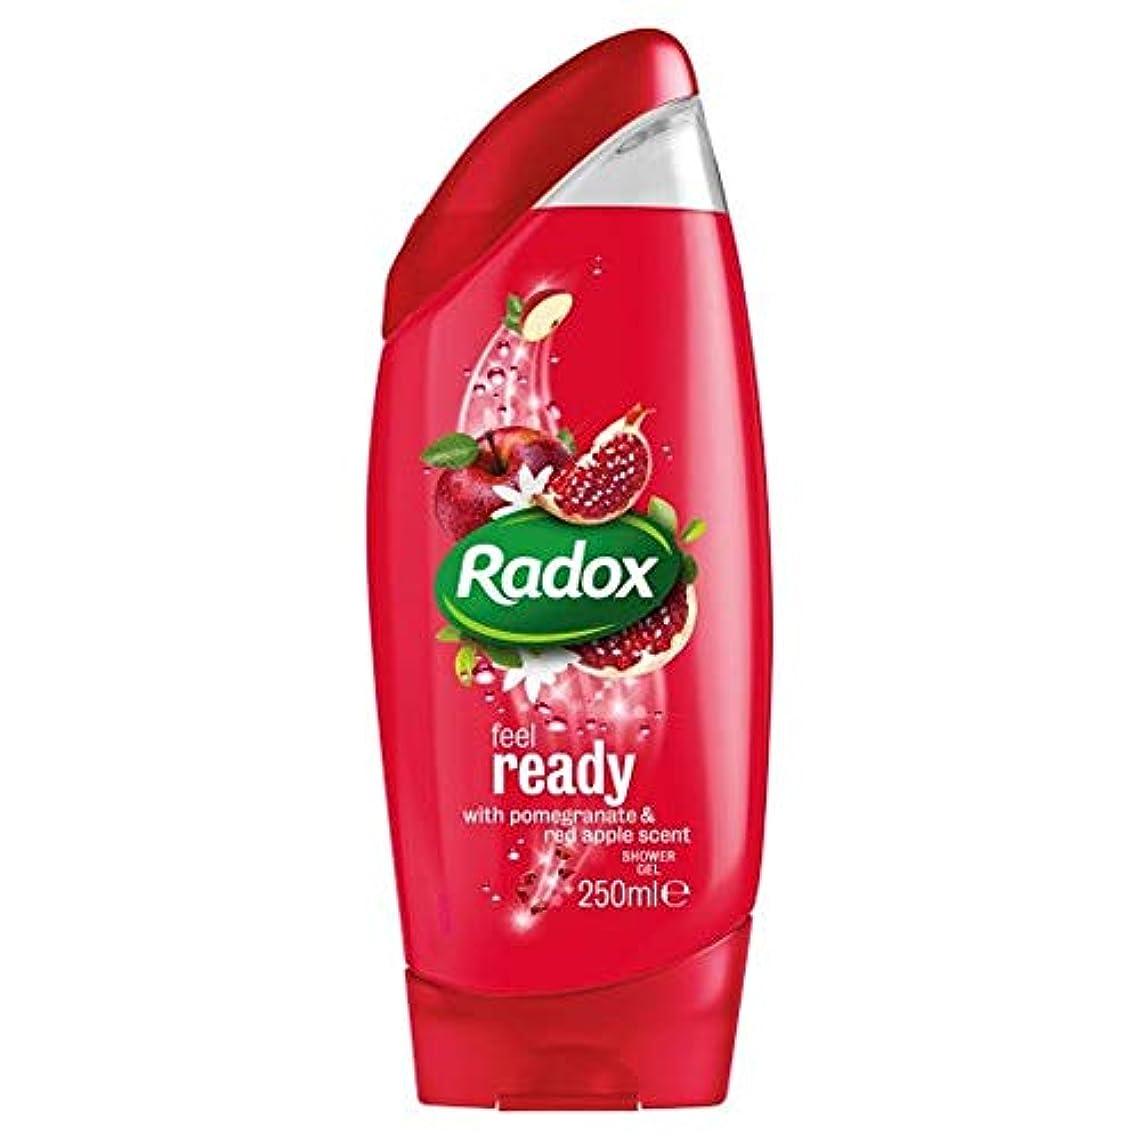 家主悲観的インカ帝国[Radox] Radoxは準備ができてシャワージェル250ミリリットルを感じます - Radox Feel Ready Shower Gel 250Ml [並行輸入品]